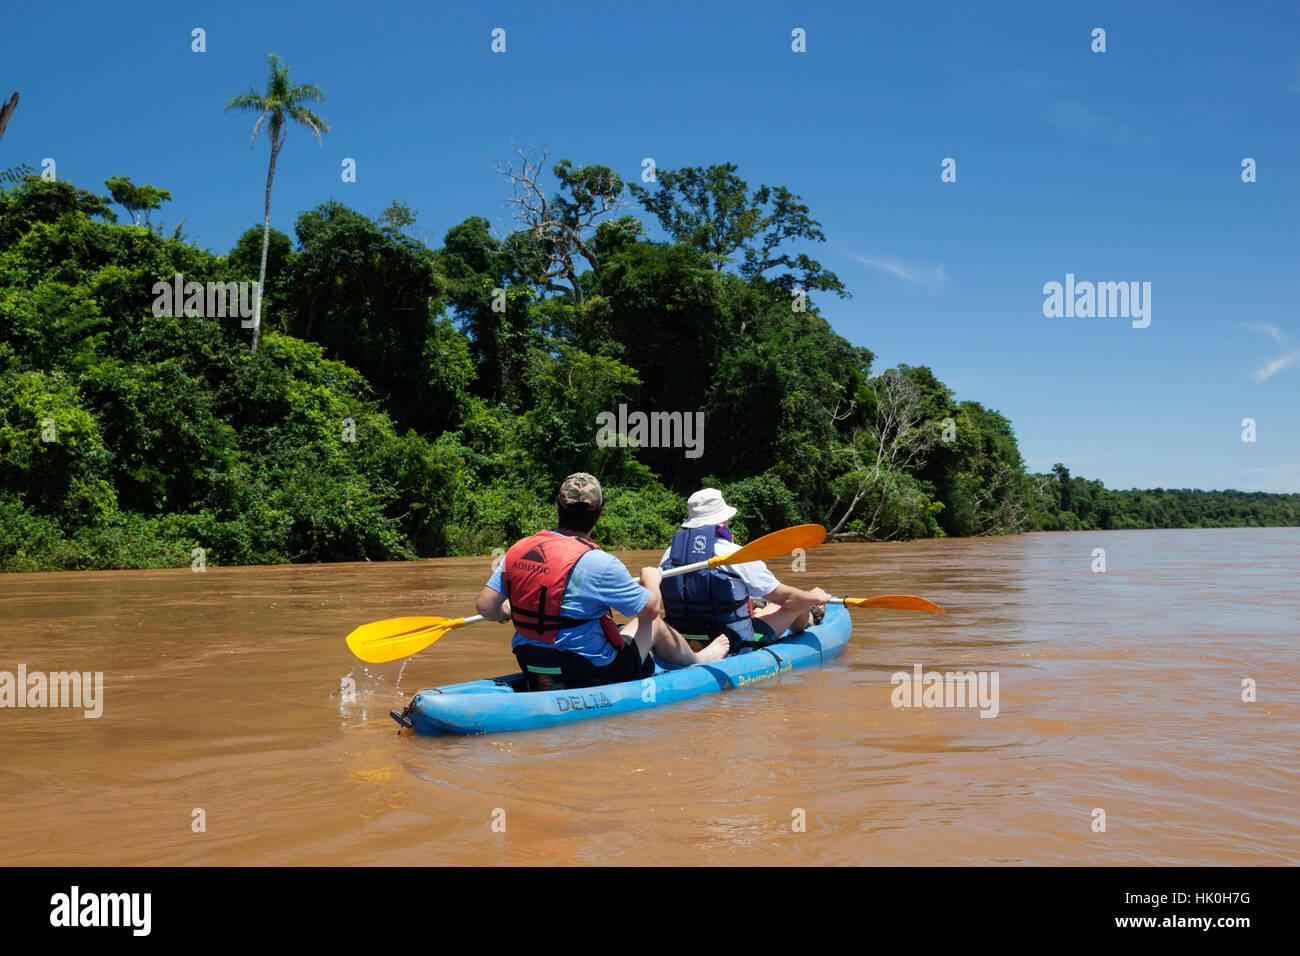 Kayaking on the Iguazu River past sub-tropical rainforest, near Andresito, Iguazu National Park, Misiones Province, - Stock Image